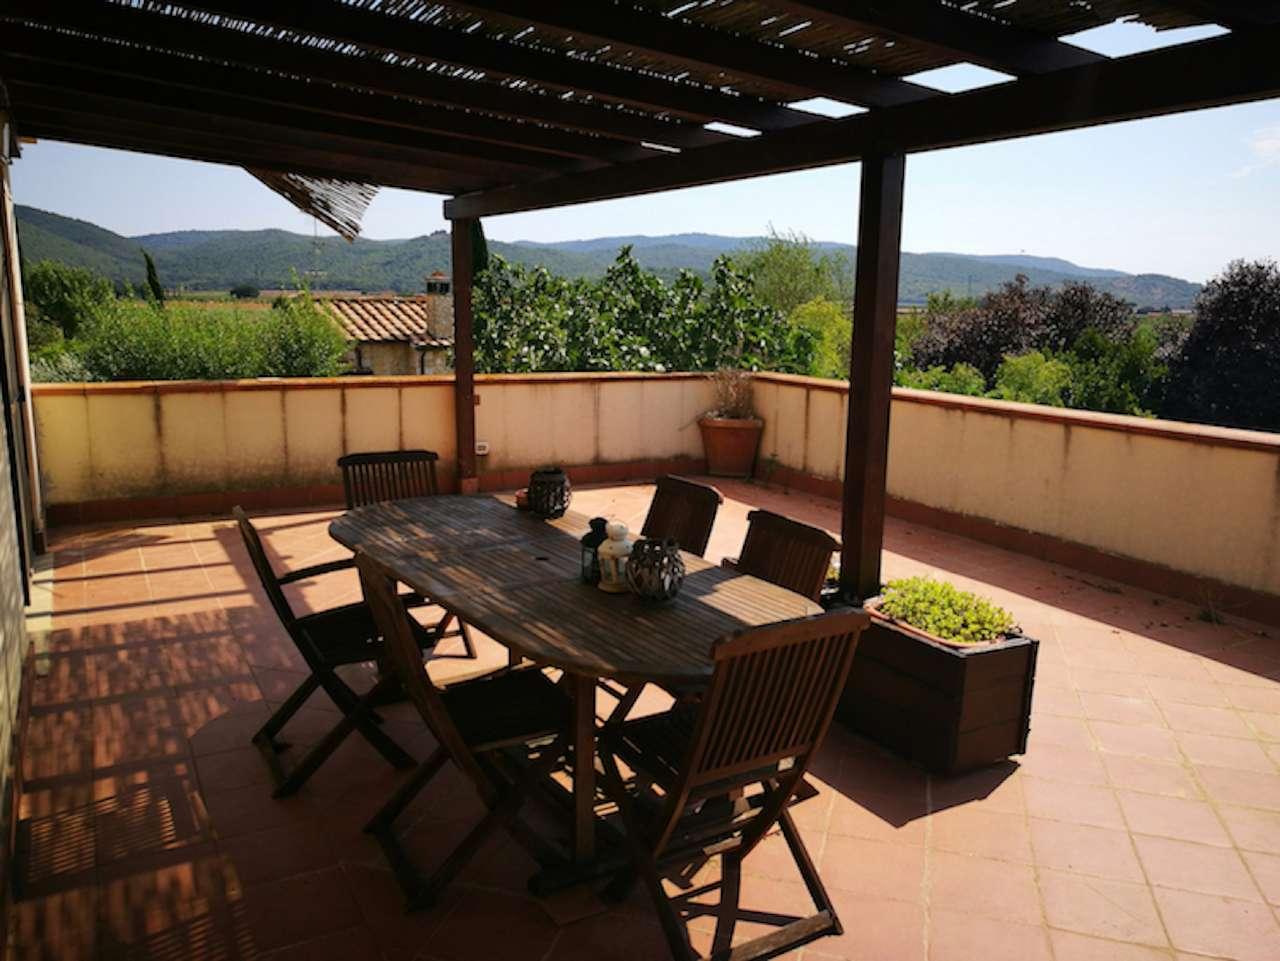 Quadrilocale con ampio terrazzo panoramico e giardino esclusivo